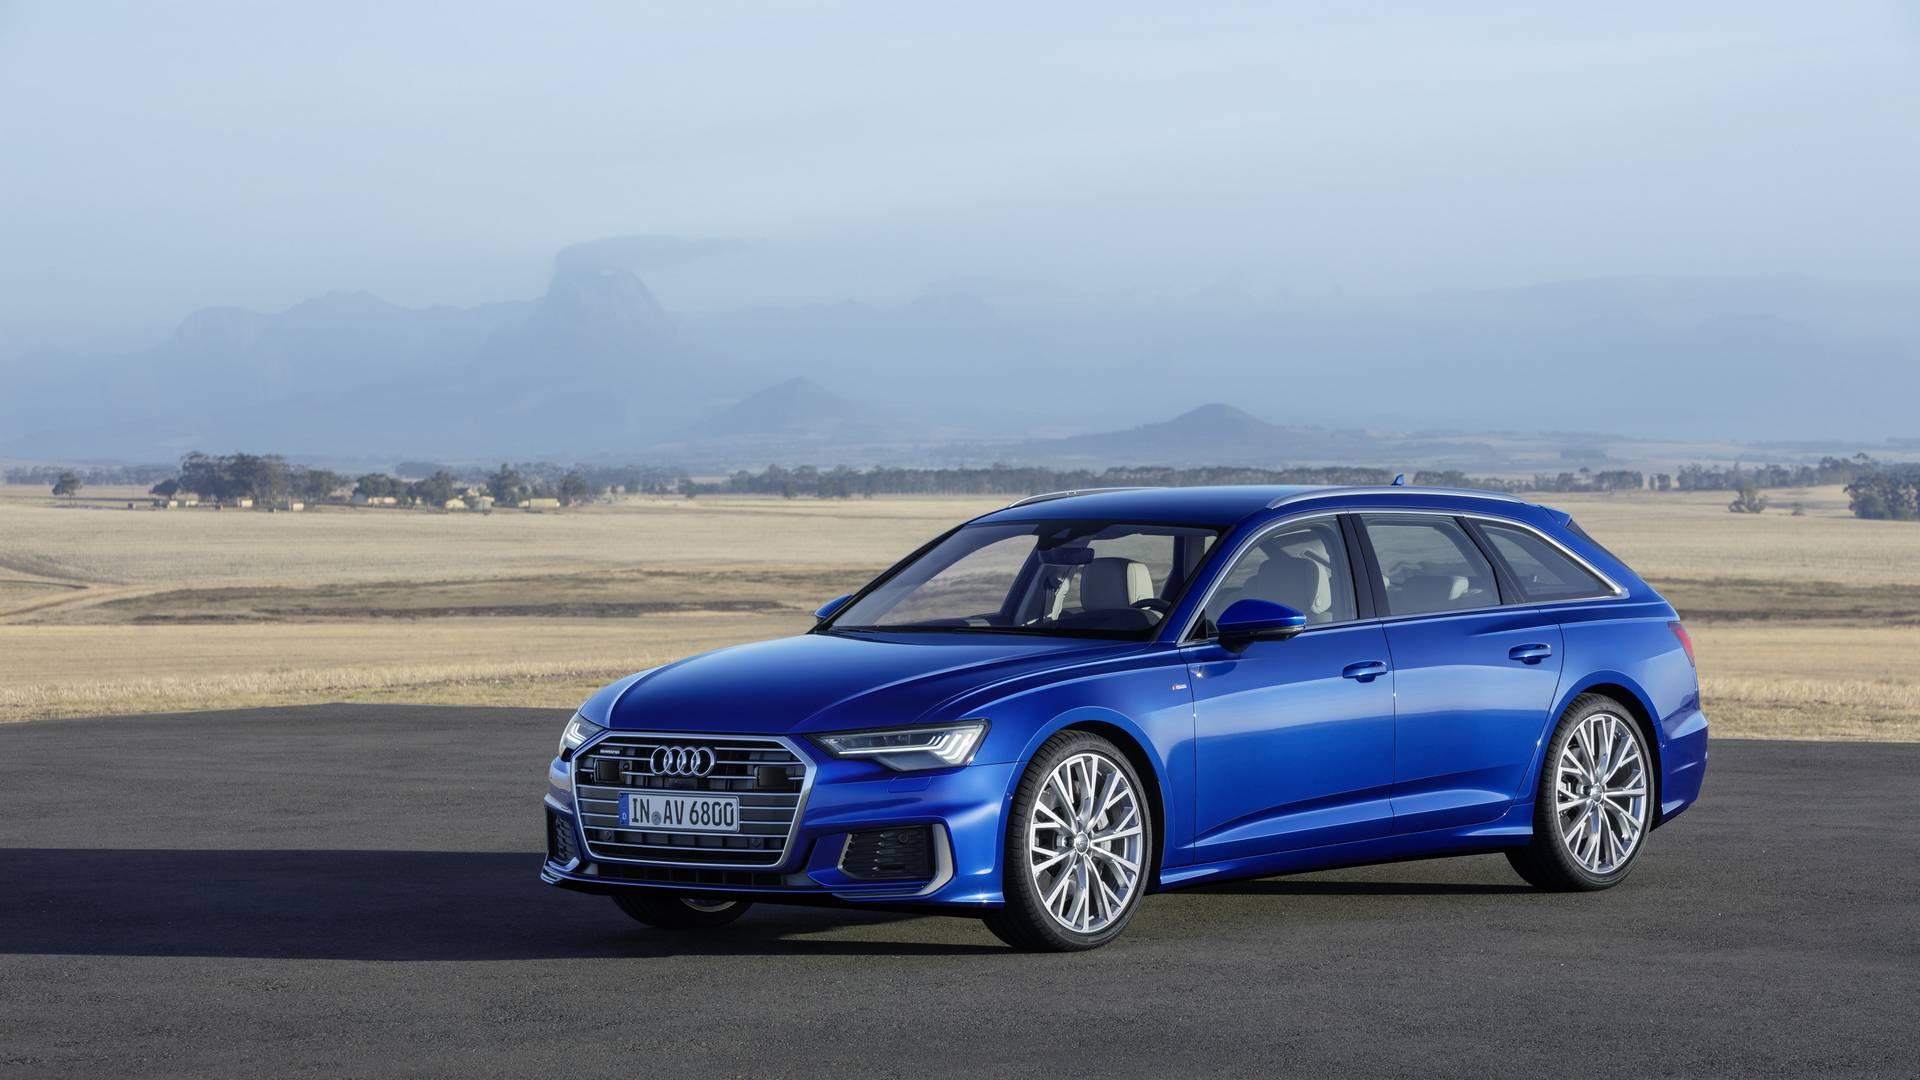 Kelebihan Kekurangan Audi A6 Avant Review